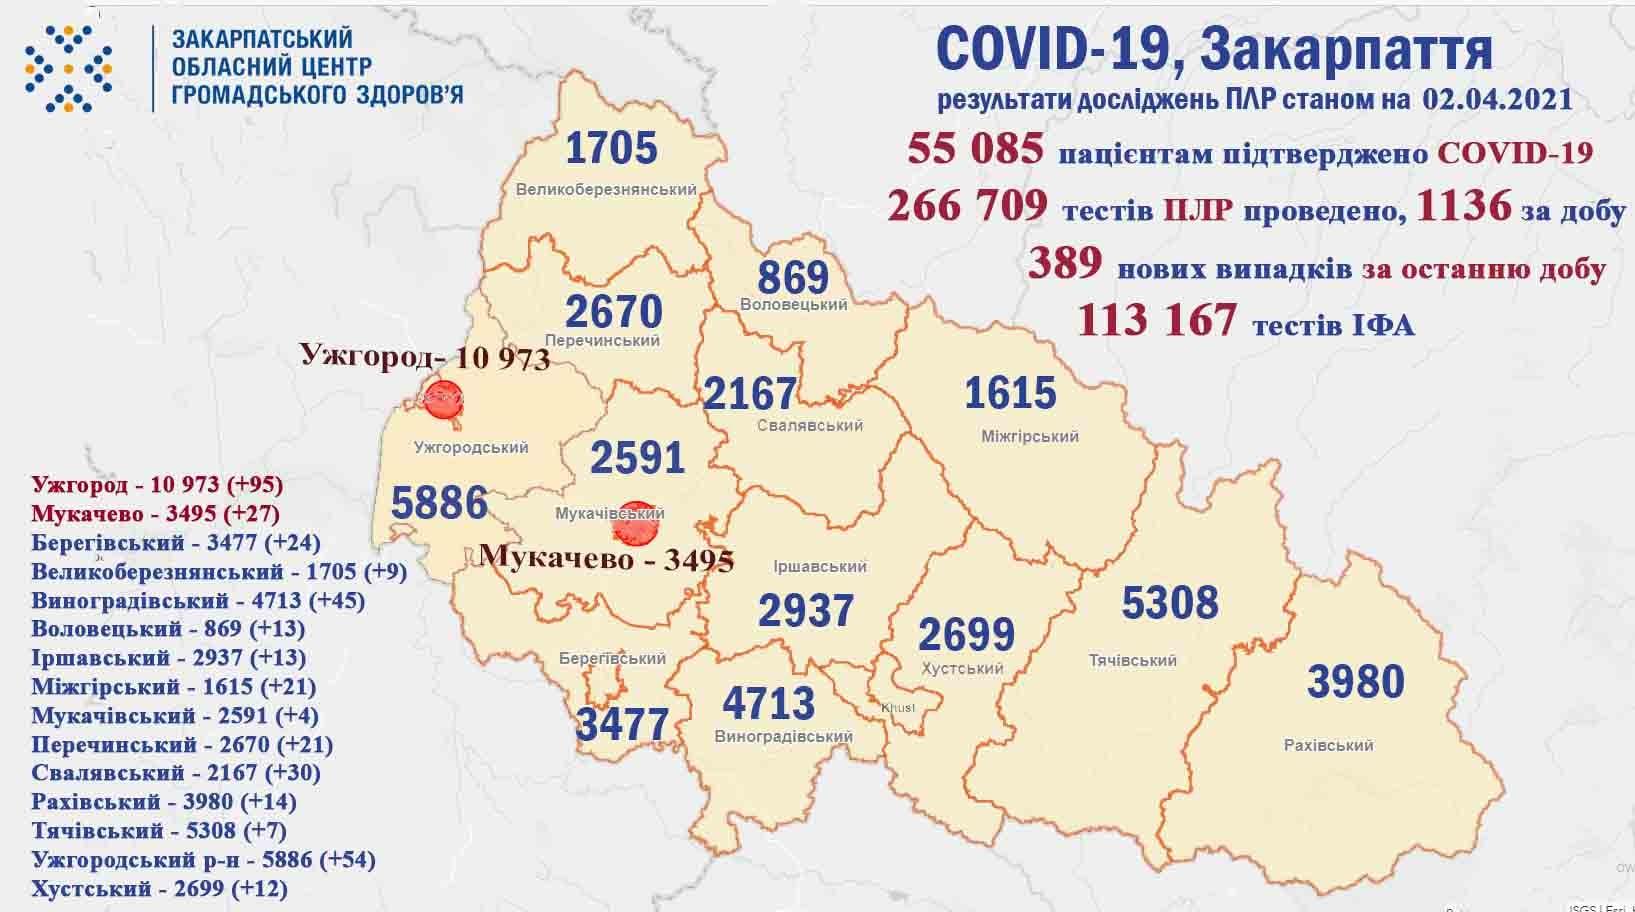 За добу на Закарпатті виявлено 389 випадків COVID-19, помер 21 пацієнт